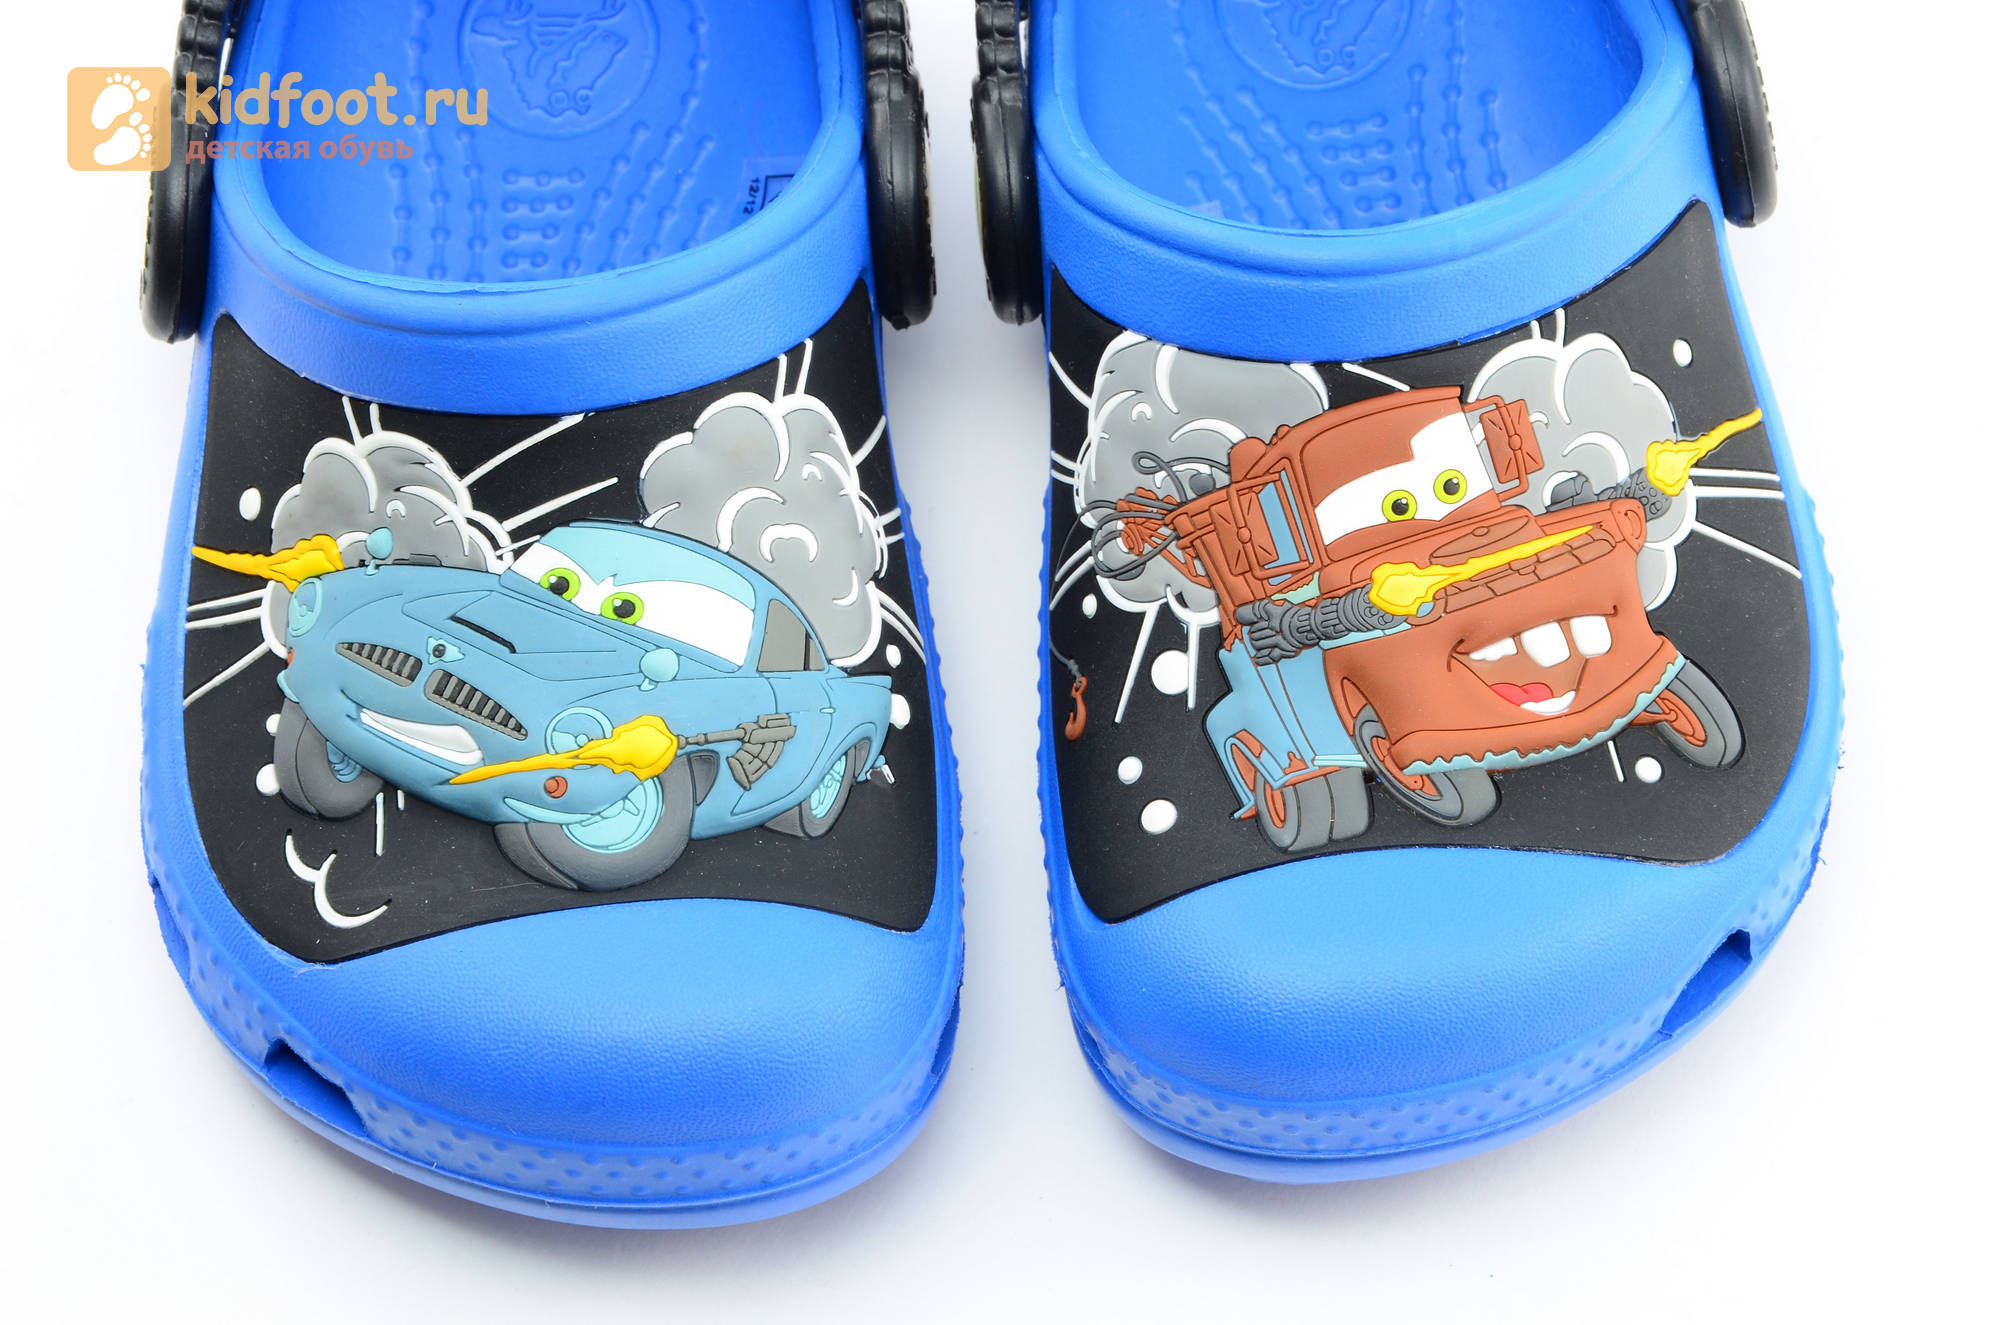 Сабо Крокс (Crocs) пляжные шлепанцы кроксы для мальчиков, цвет синий